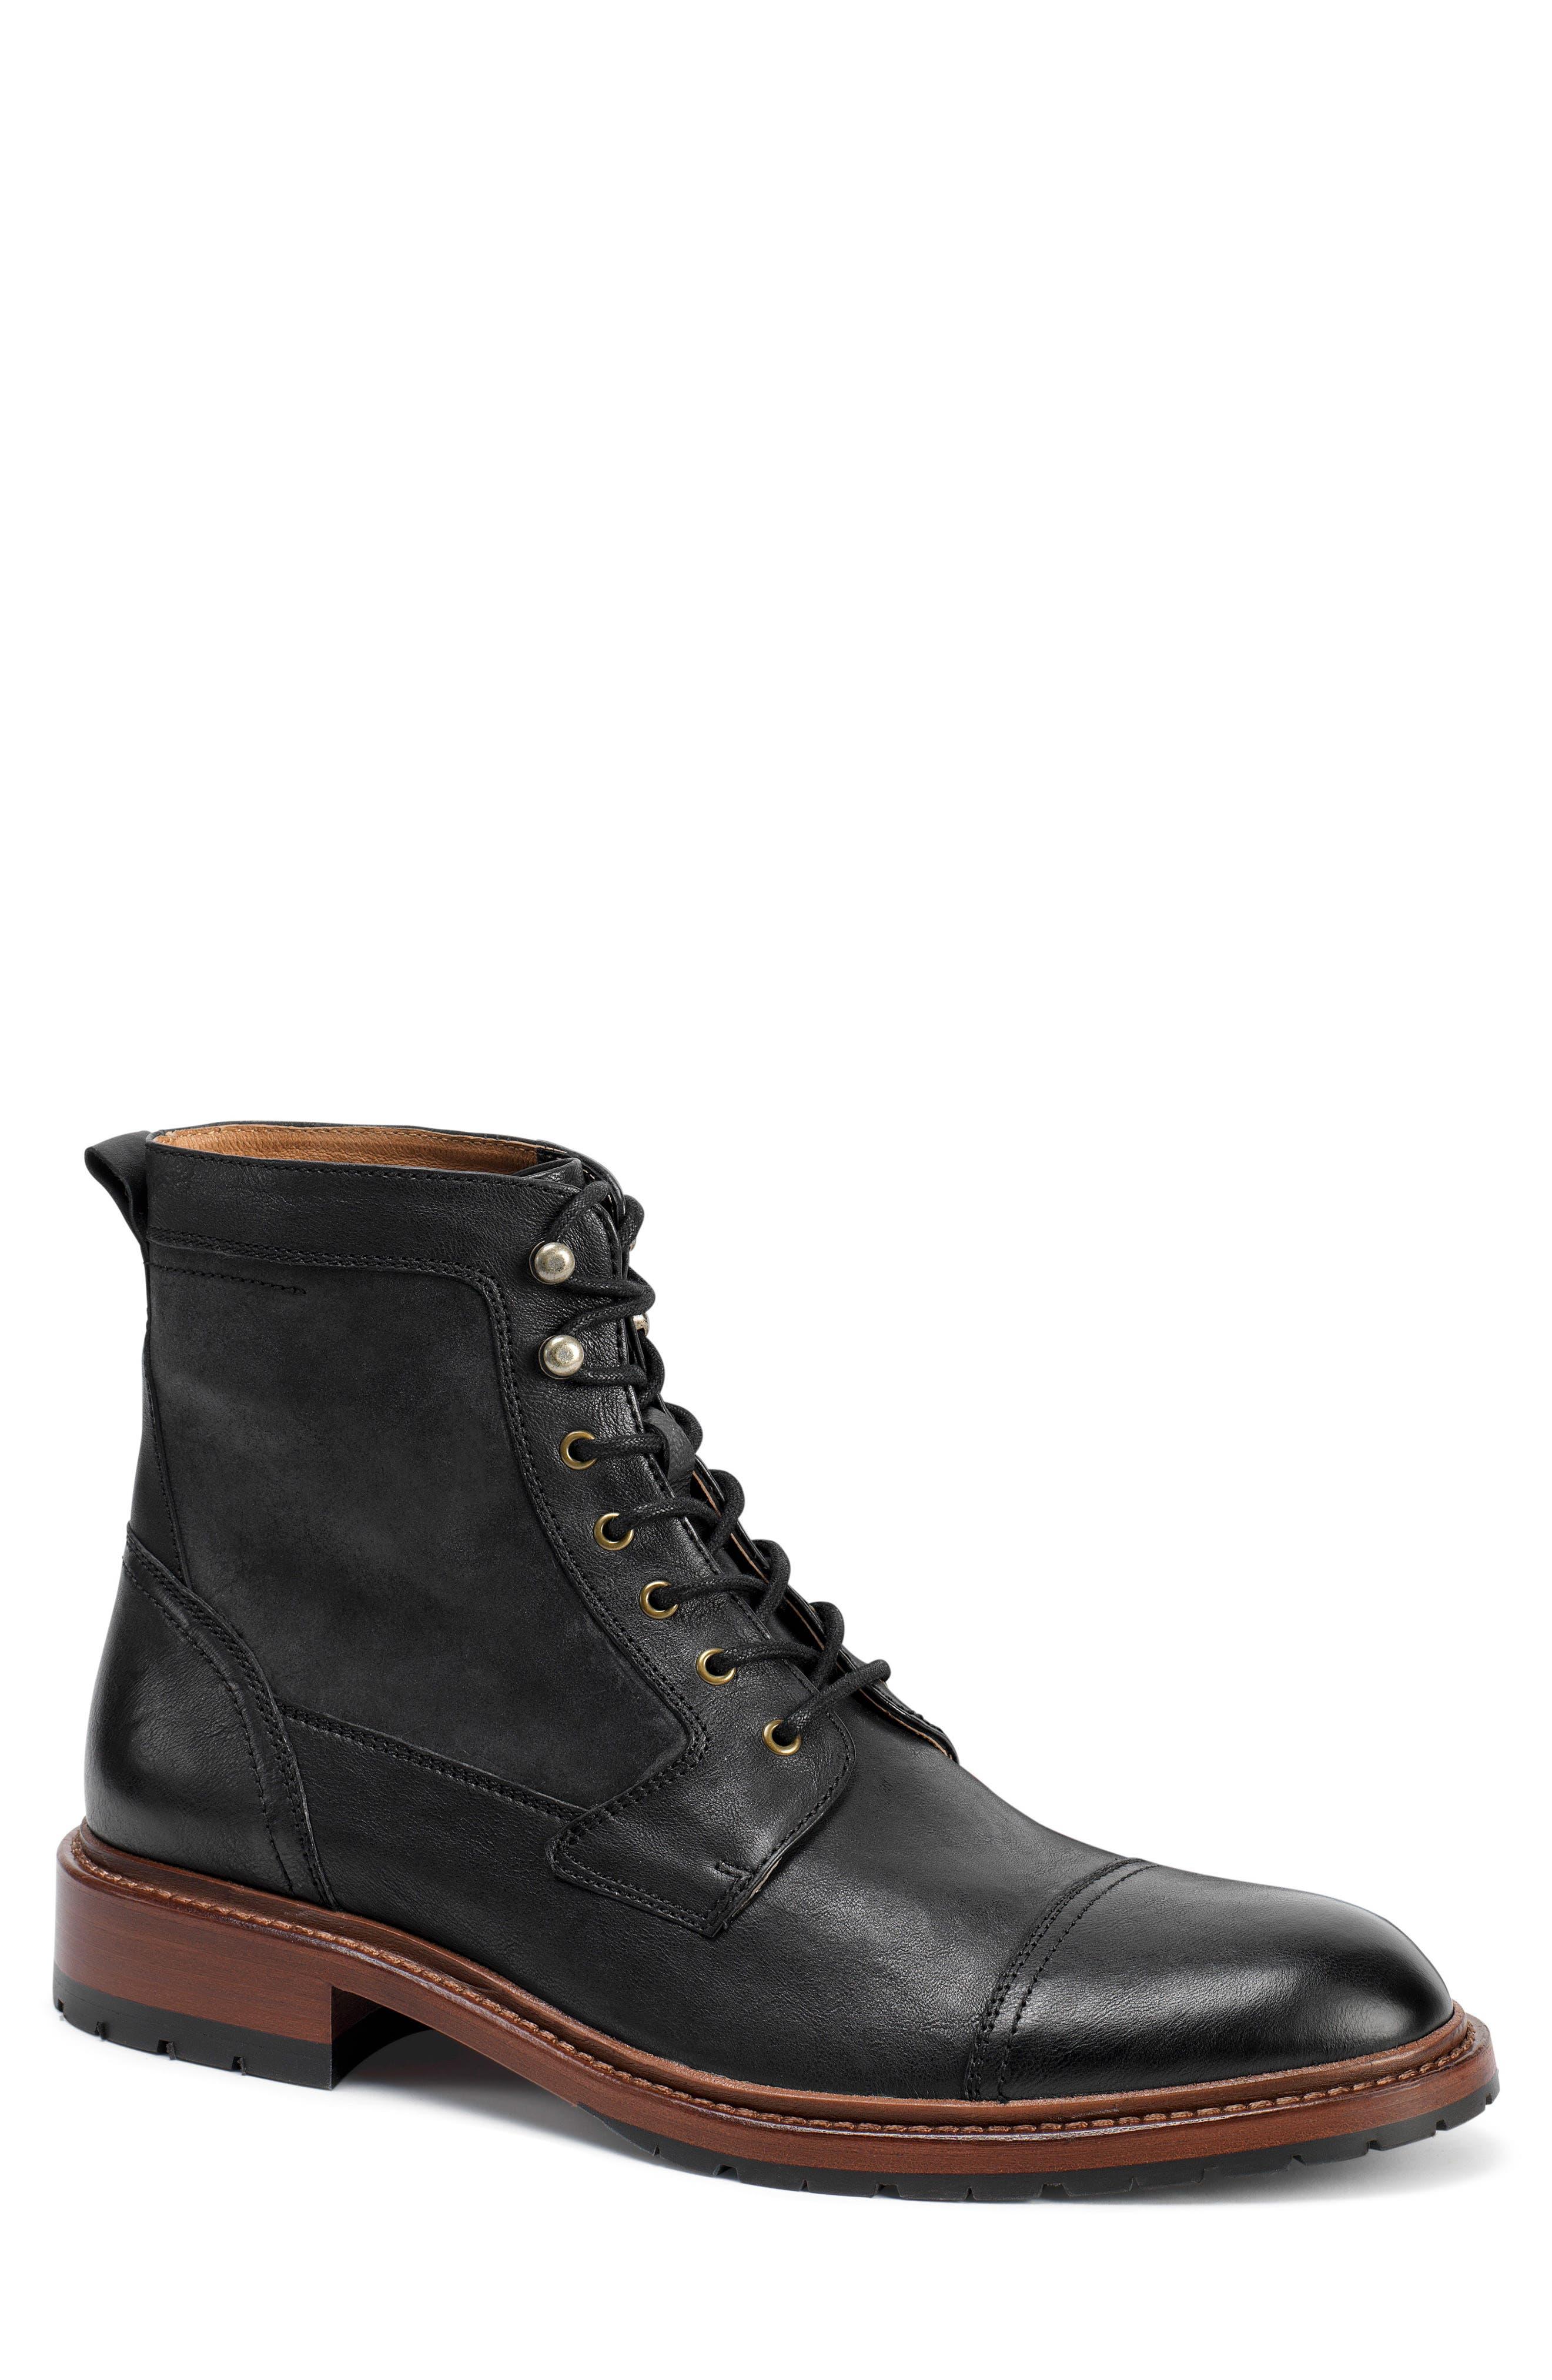 Alternate Image 1 Selected - Trask 'Lowell' Cap Toe Boot (Men)